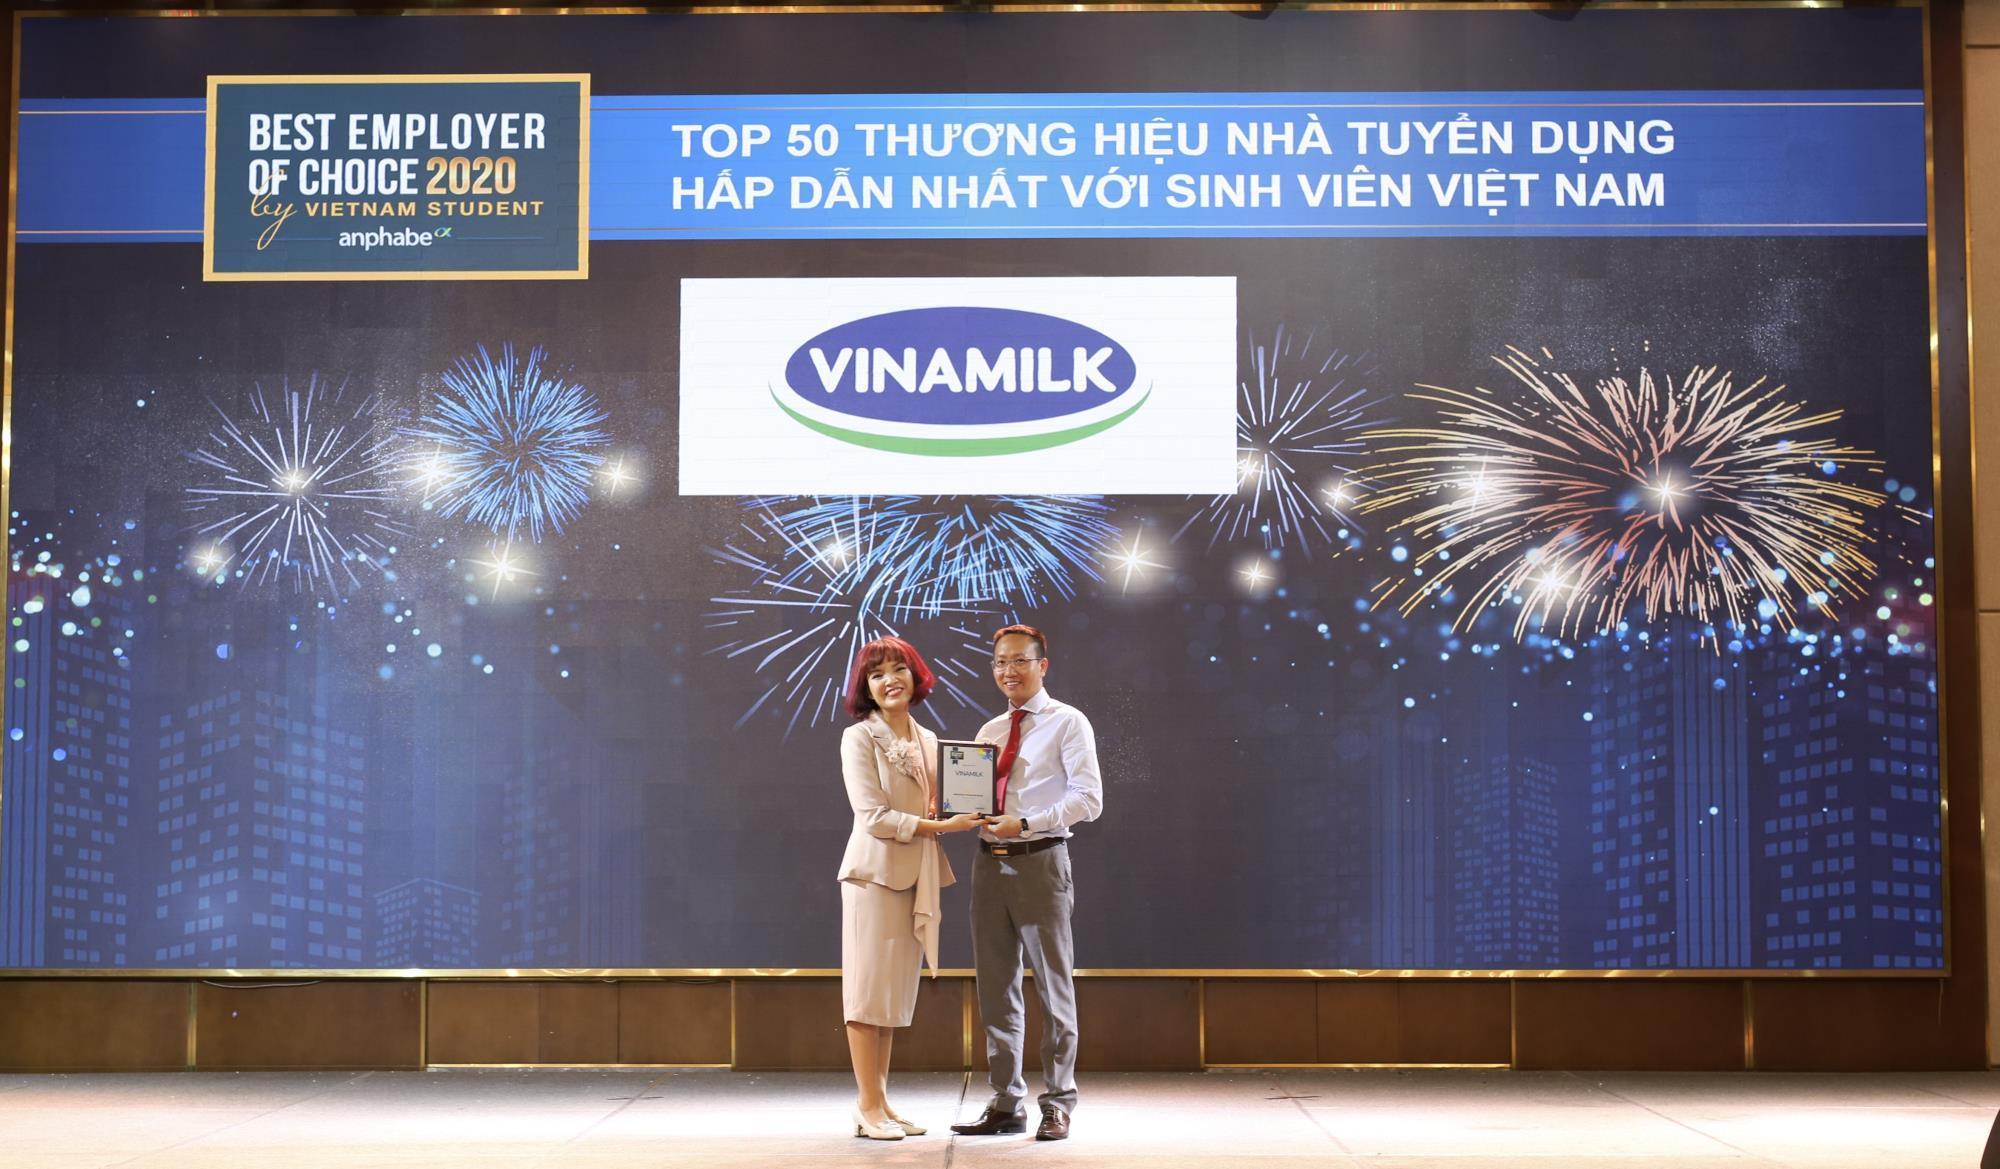 Thế hệ trẻ và những lý do khao khát 'đầu quân' cho một công ty sữa Việt - Ảnh 1